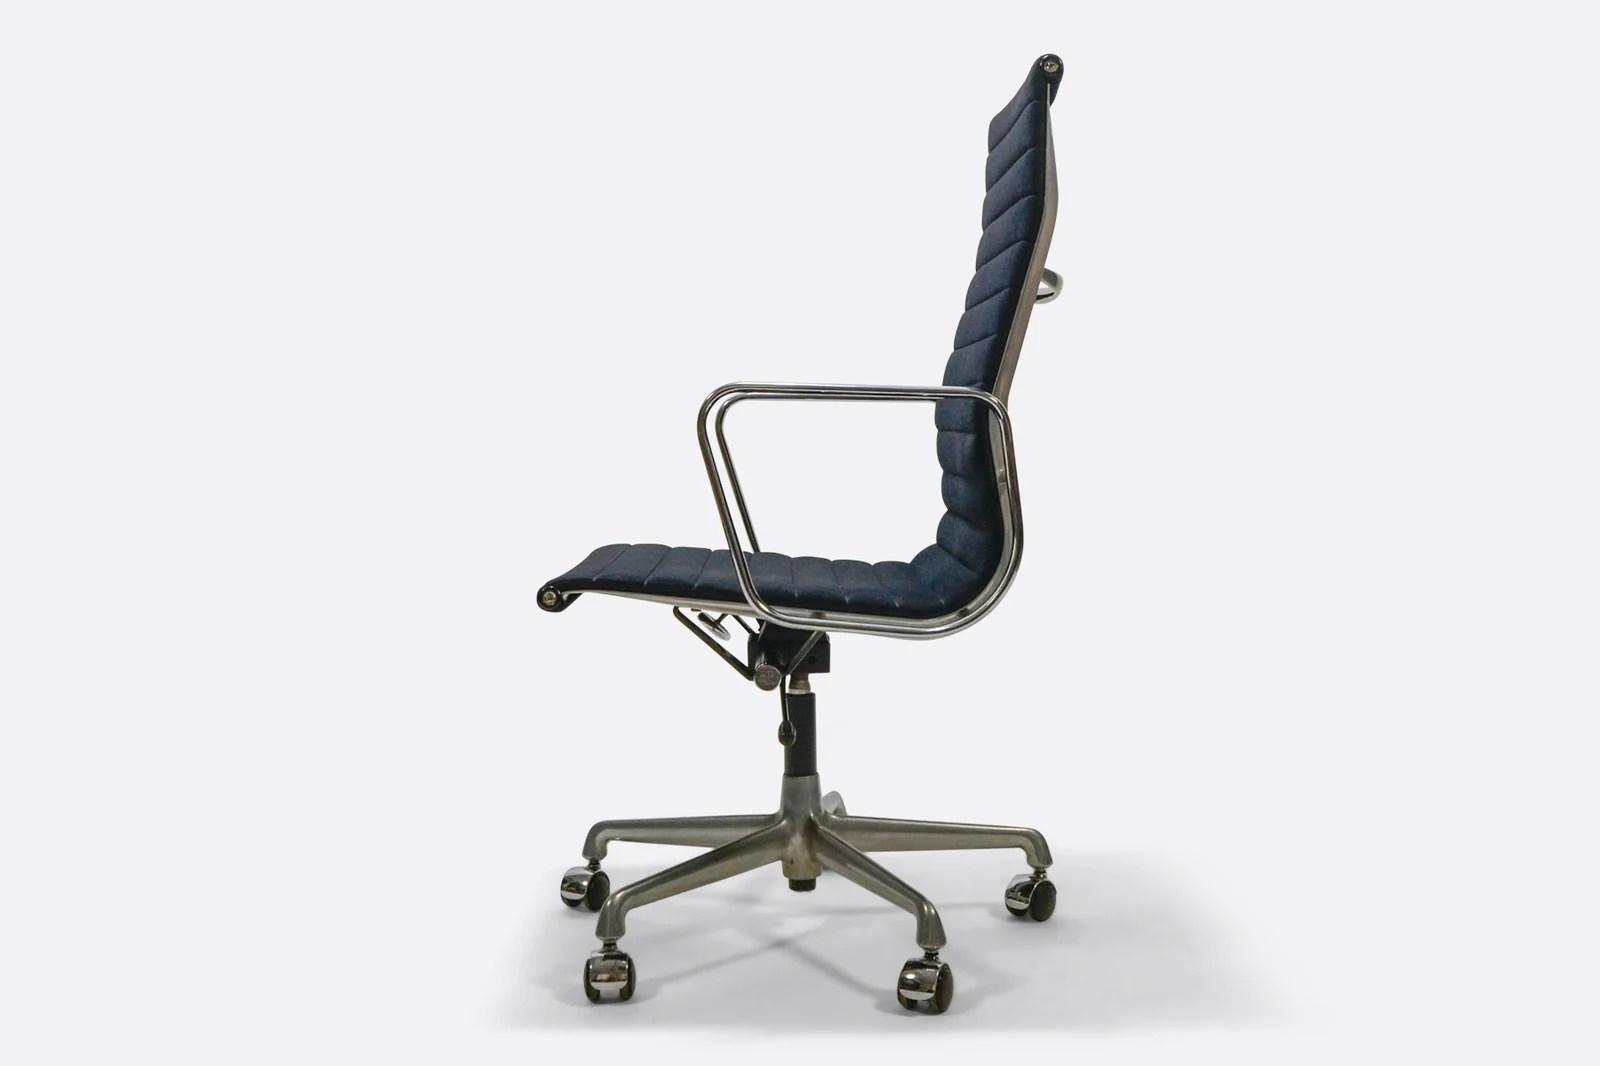 Bureau Stoel Kopen : Bureaustoel younico pro 2456 eiken meubels zandstralen prijs